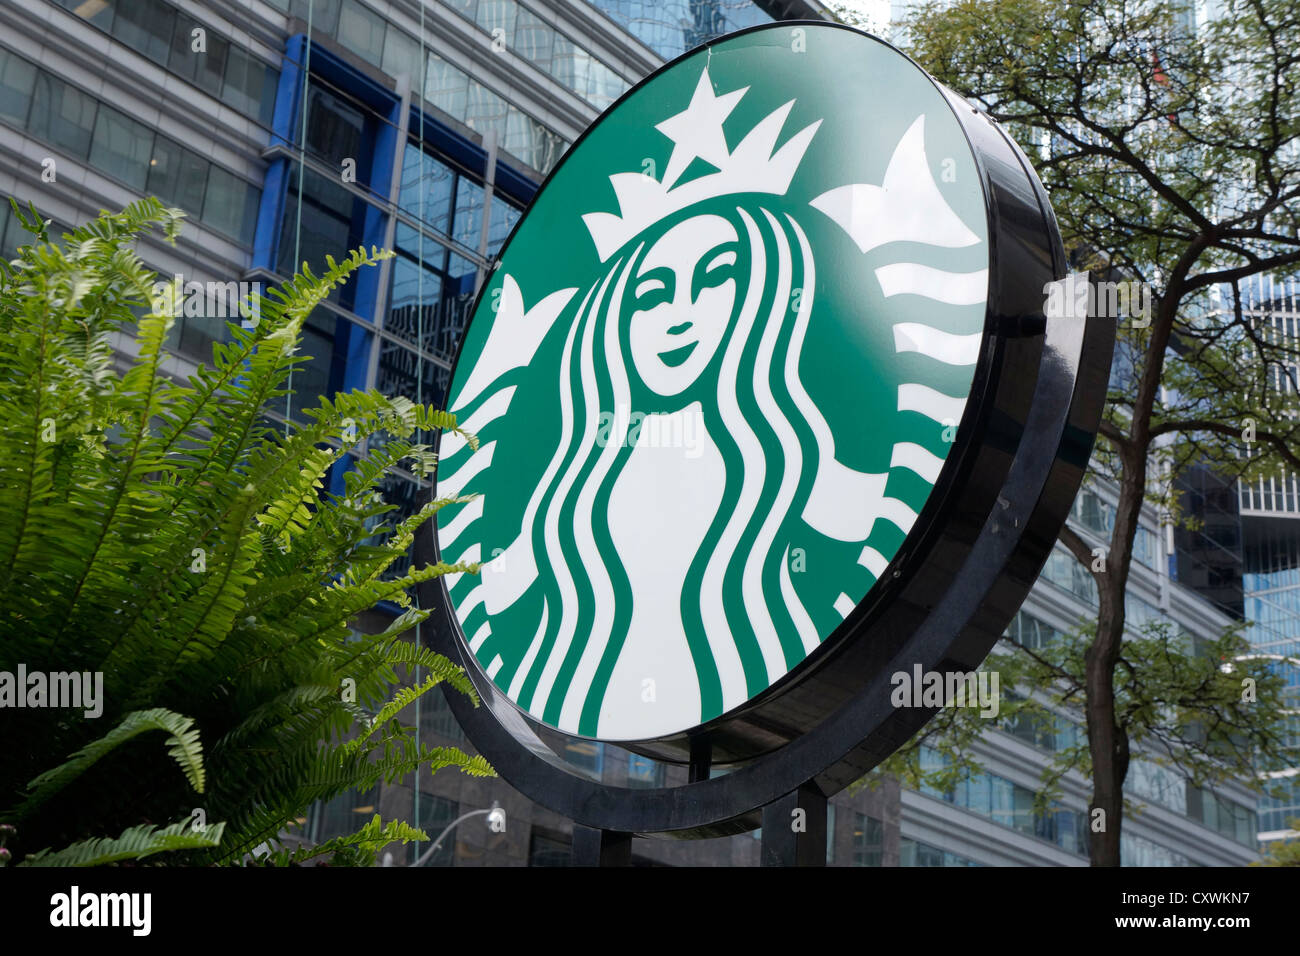 Starbucks Sign, Logo outside - Stock Image